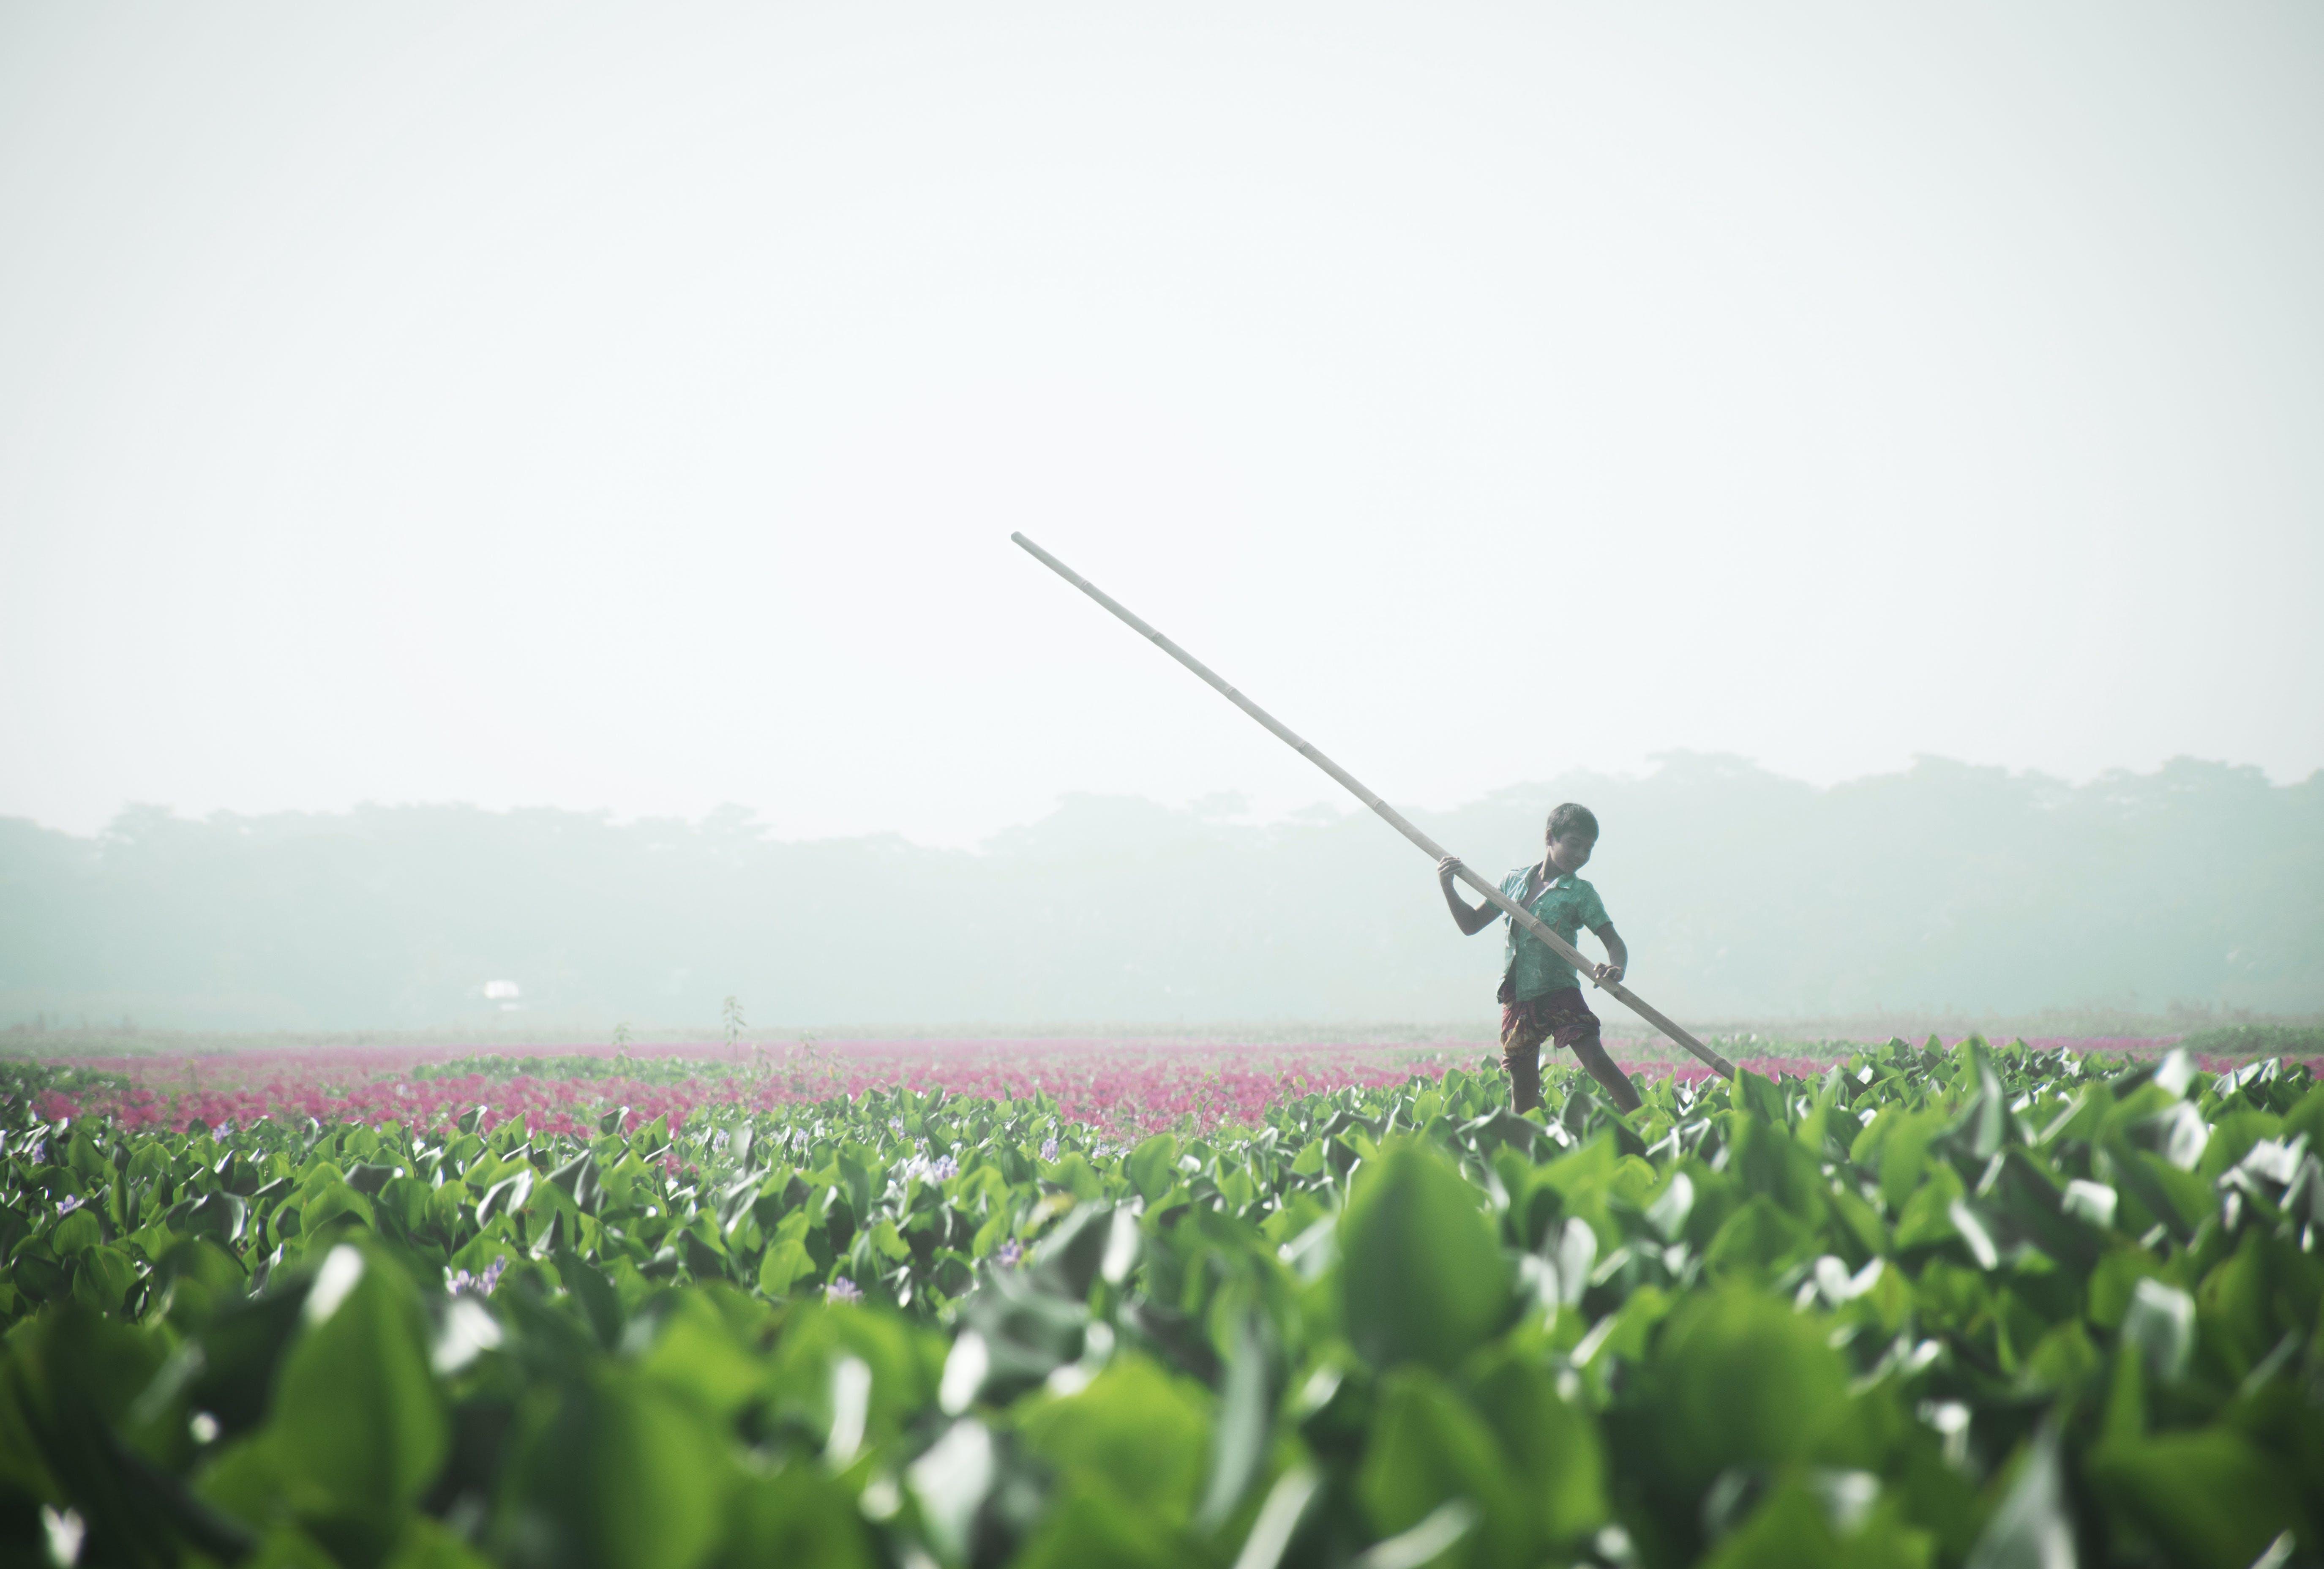 Gratis stockfoto met bloem, boerderij, boerenbedrijf, gewas